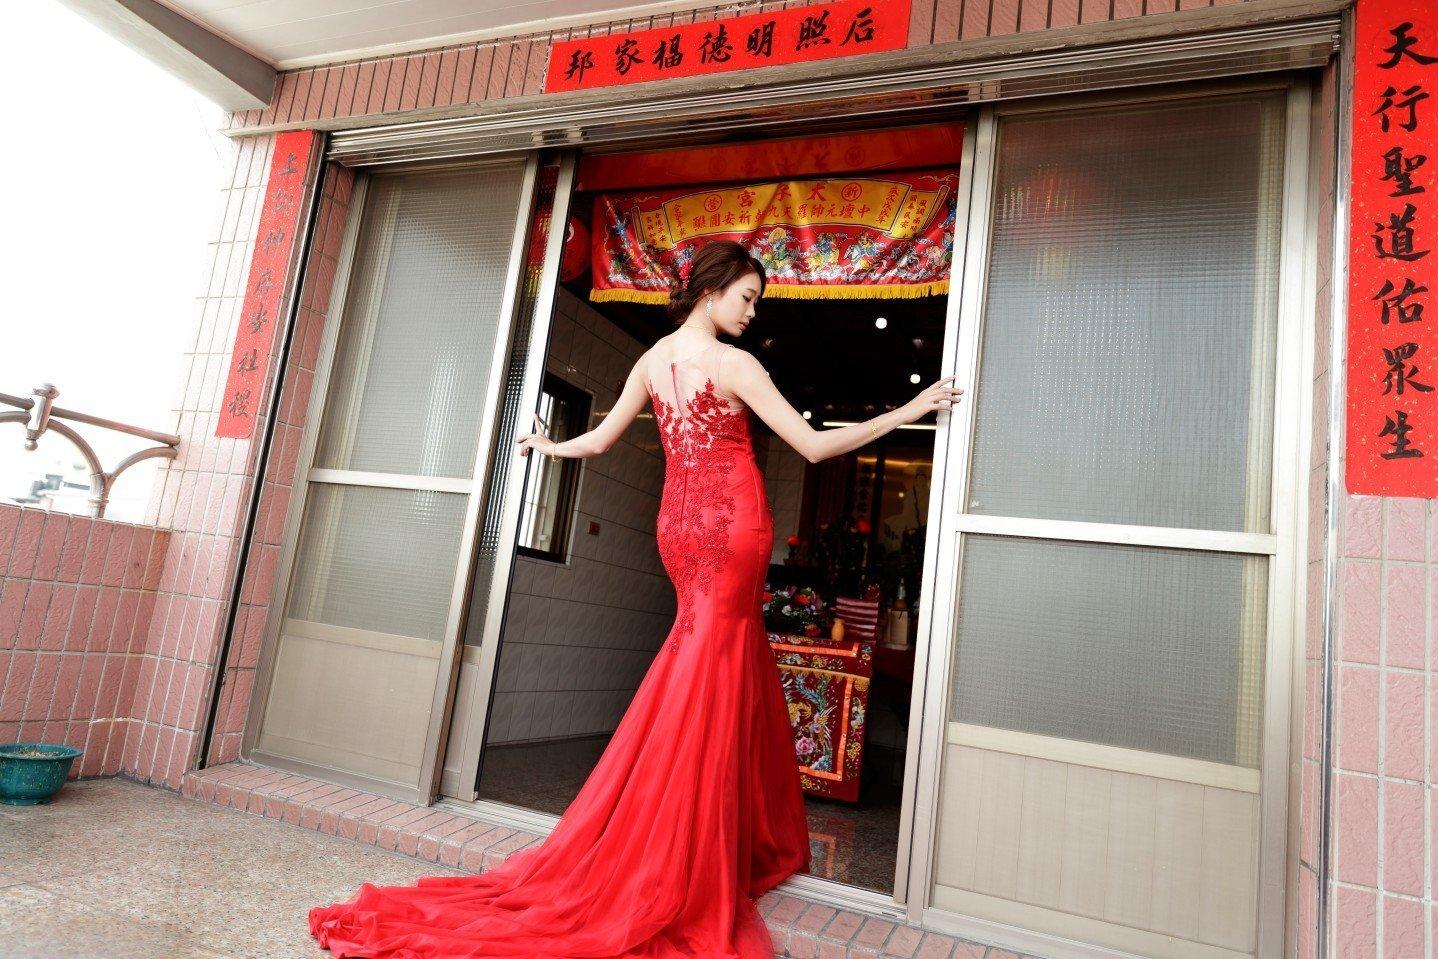 類婚紗拍攝於新娘家中, 紅色魚尾禮服